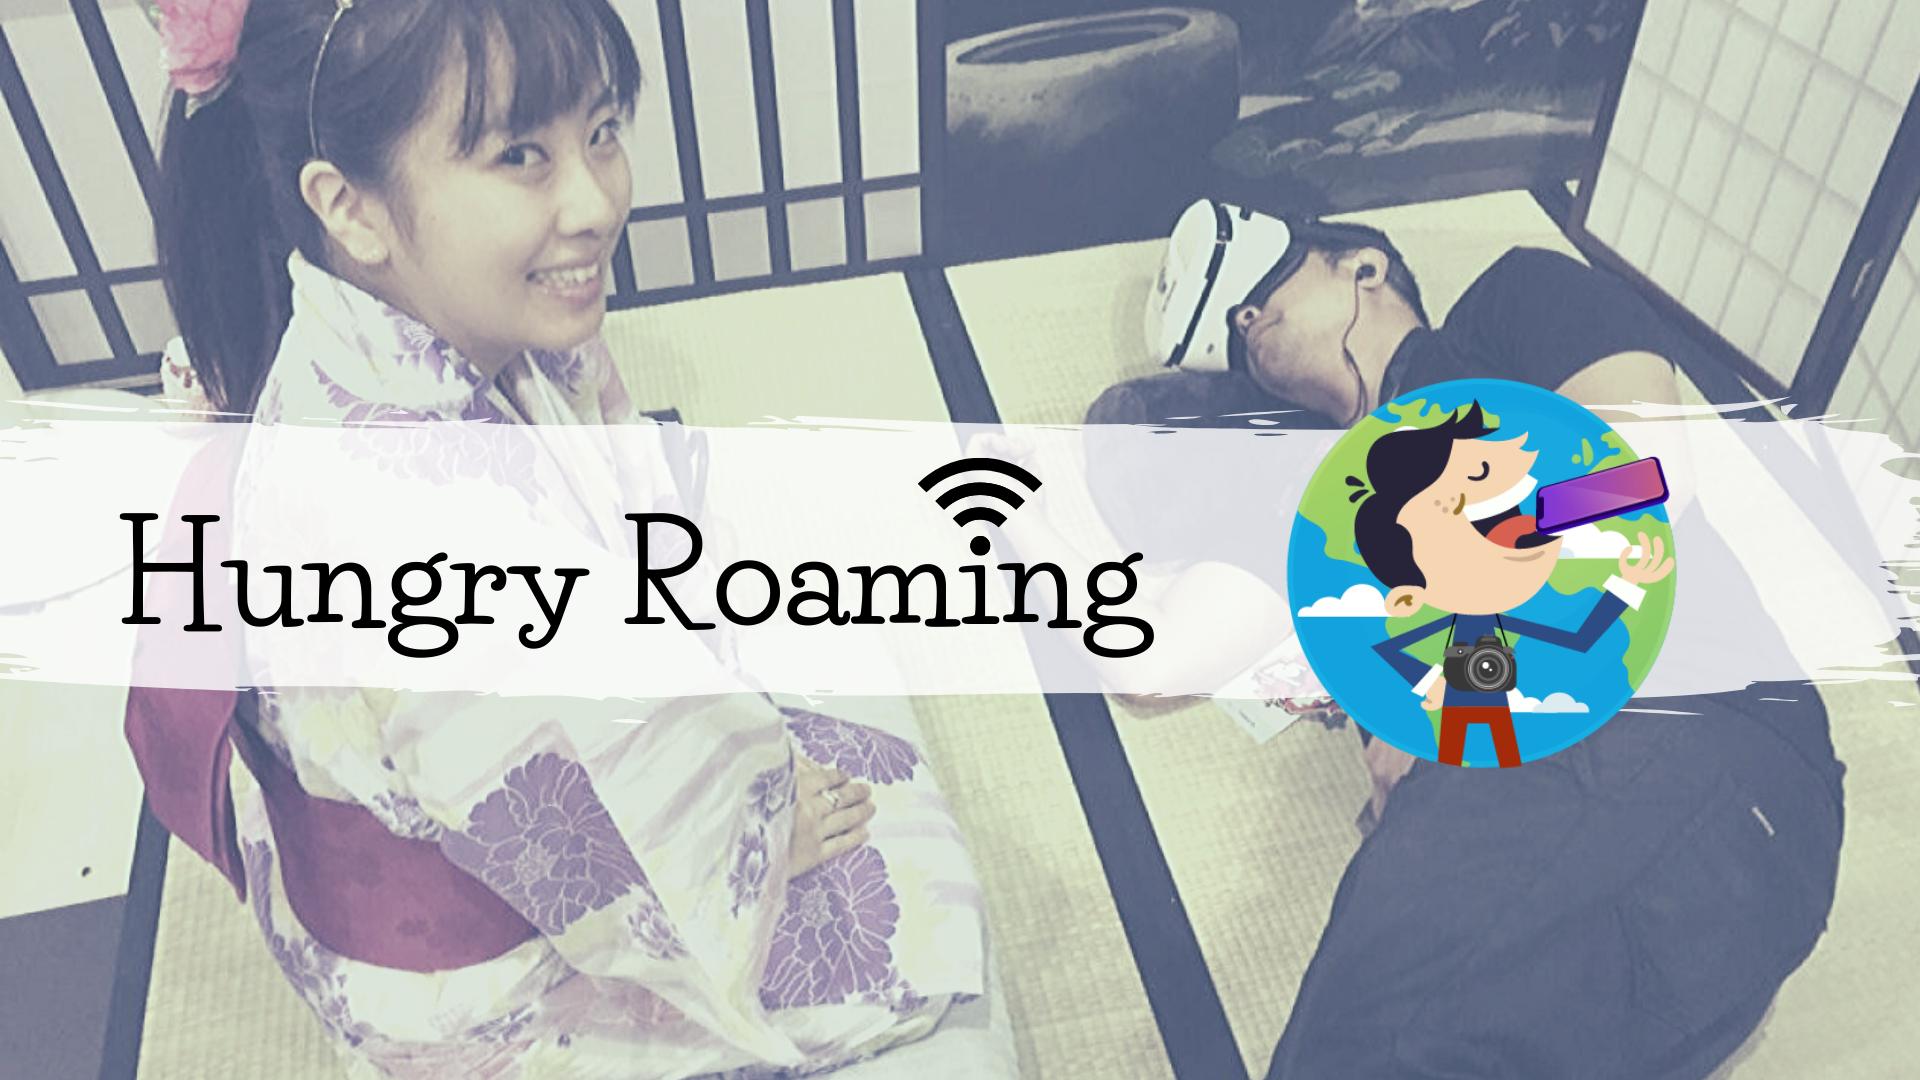 Sono stata in Giappone senza alzarmi dal divano | Hungry Roaming thumbnail